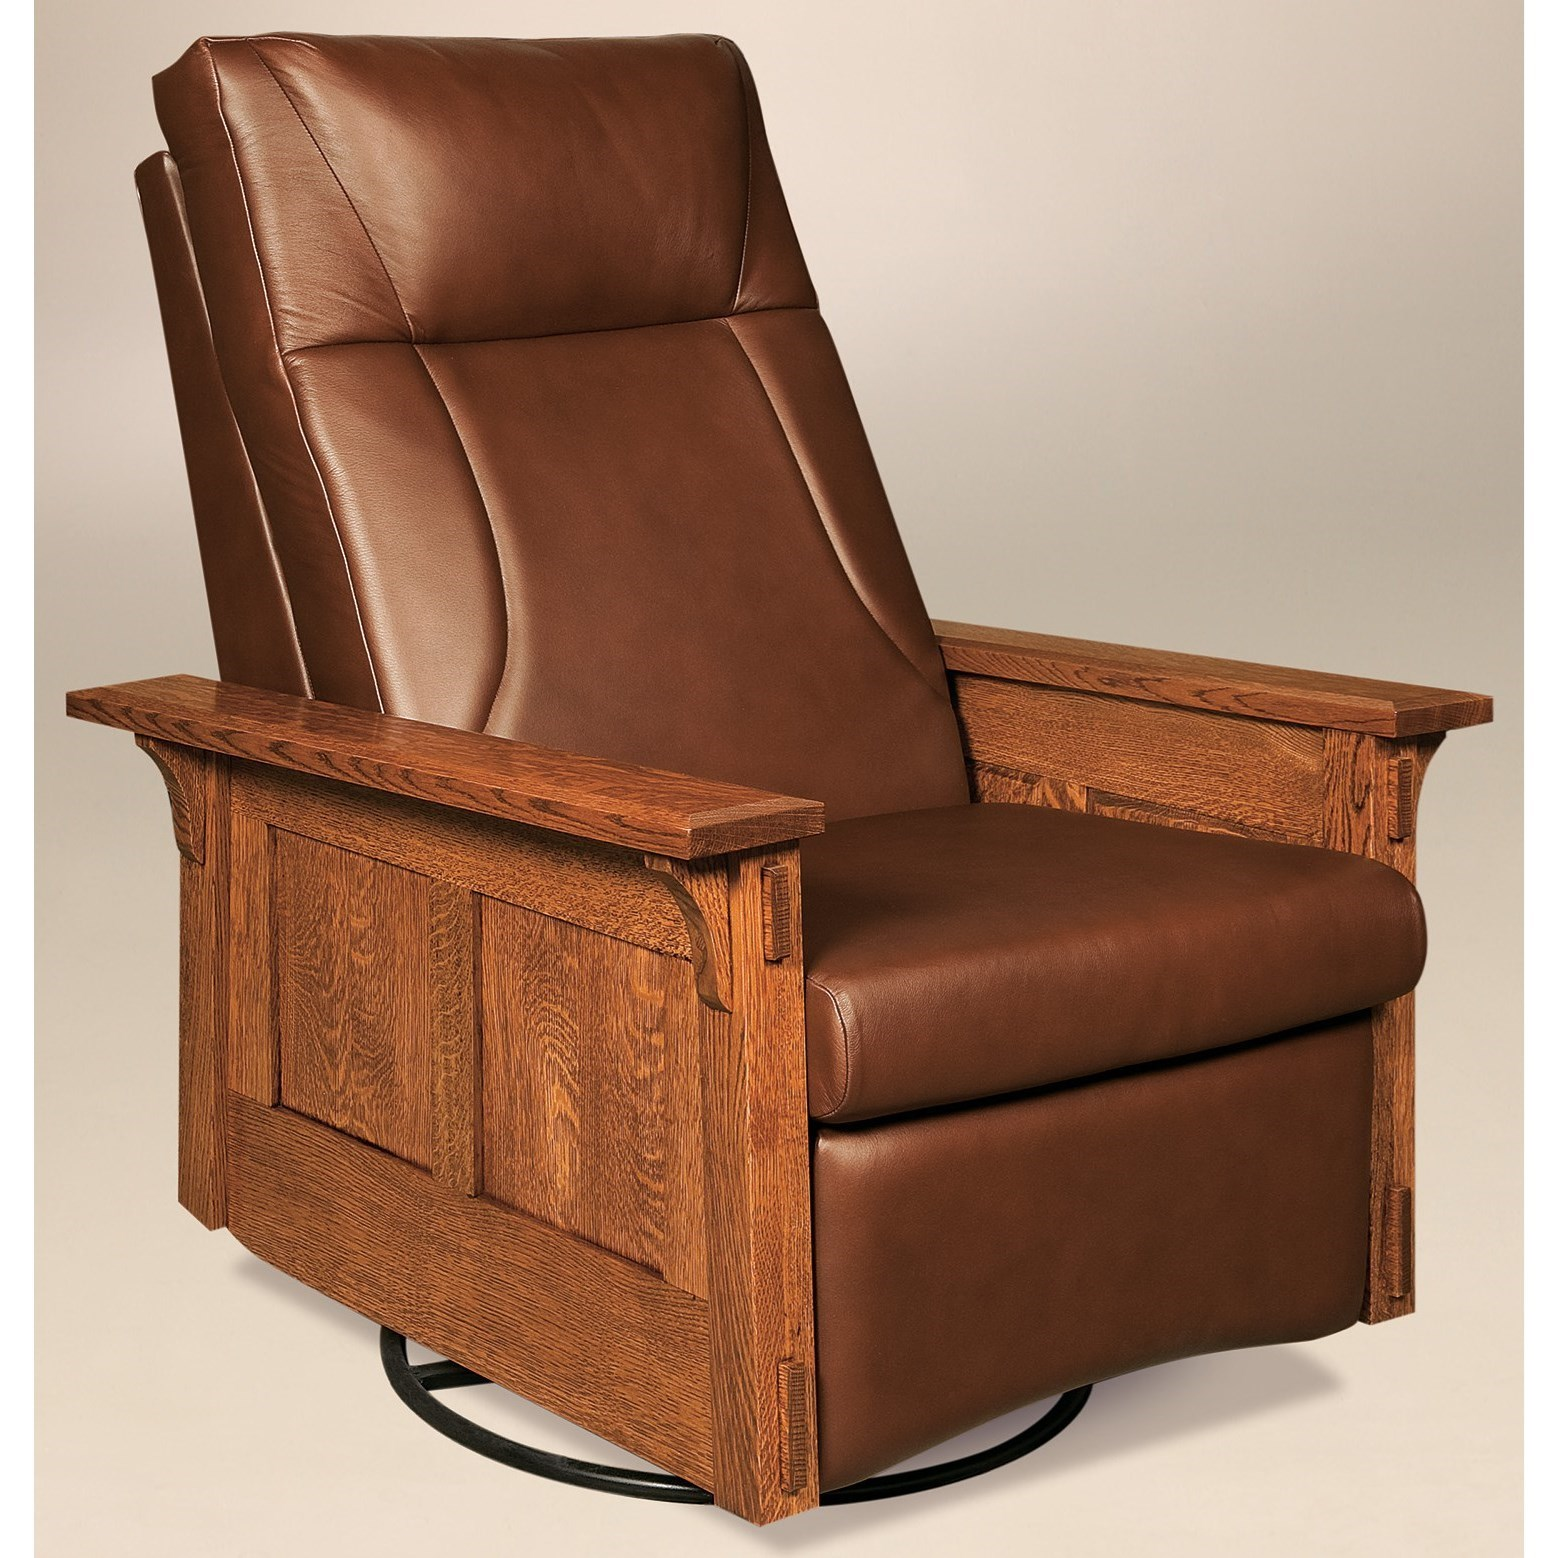 Merveilleux AJu0027s Furniture Mccoy McCoy Rocker Recliner Swivel